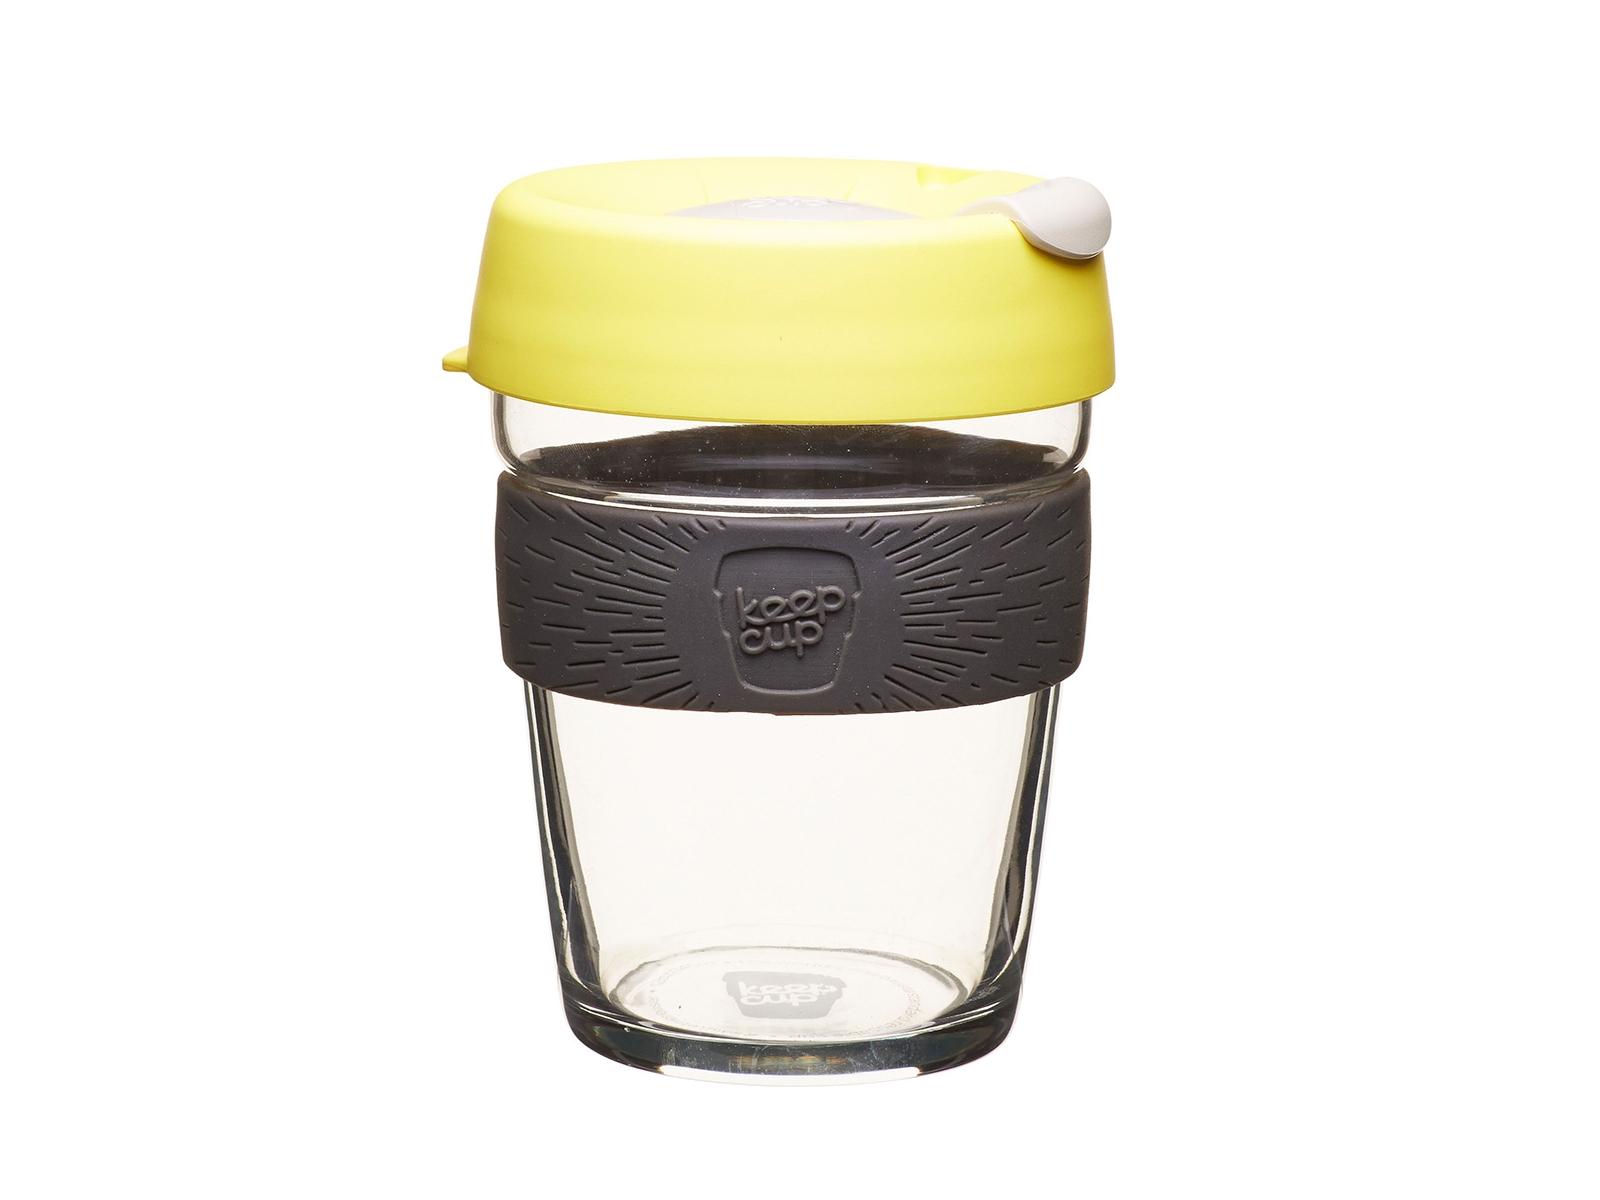 Кружка Keepcup honeyЧайные пары, чашки и кружки<br>Новая версия культовых кружек Keepcup со стенками из закаленного стекла и еще более удобной крышкой.  <br>Кружка, созданная с мыслями о вас и о планете. Главная идея KeepCup – вдохновить любителей кофе отказаться от использования одноразовых бумажных и пластиковых стаканов, так как их производство и утилизация наносят вред окружающей среде. В год производится и выбрасывается около 500 миллиардов одноразовых стаканчиков, а ведь планета у нас всего одна! <br>Но главный плюс кружки  – привлекательный и яркий дизайн, который станет отражением вашего личного стиля. Берите её в кафе или наливайте кофе, чай, сок дома, чтобы взять с собой - пить вкусные напитки на ходу, на работе или на пикнике. Специальная крышка с открывающимся и закрывающимся клапаном спасет от брызг, а силиконовый ободок поможет не обжечься (плюс, удобно держать кружку в руках.<br>Крышка сделана из нетоксичного пластика без содержания вредного бисфенола (BPA-free). Корпус - из закаленного стекла, устойчивого к термическому и механическому воздействию.&amp;amp;nbsp;&amp;lt;div&amp;gt;&amp;lt;br&amp;gt;&amp;lt;/div&amp;gt;&amp;lt;div&amp;gt;Объем:&amp;amp;nbsp;&amp;amp;nbsp;340 мл.&amp;lt;/div&amp;gt;<br><br>Material: Стекло<br>Высота см: 13